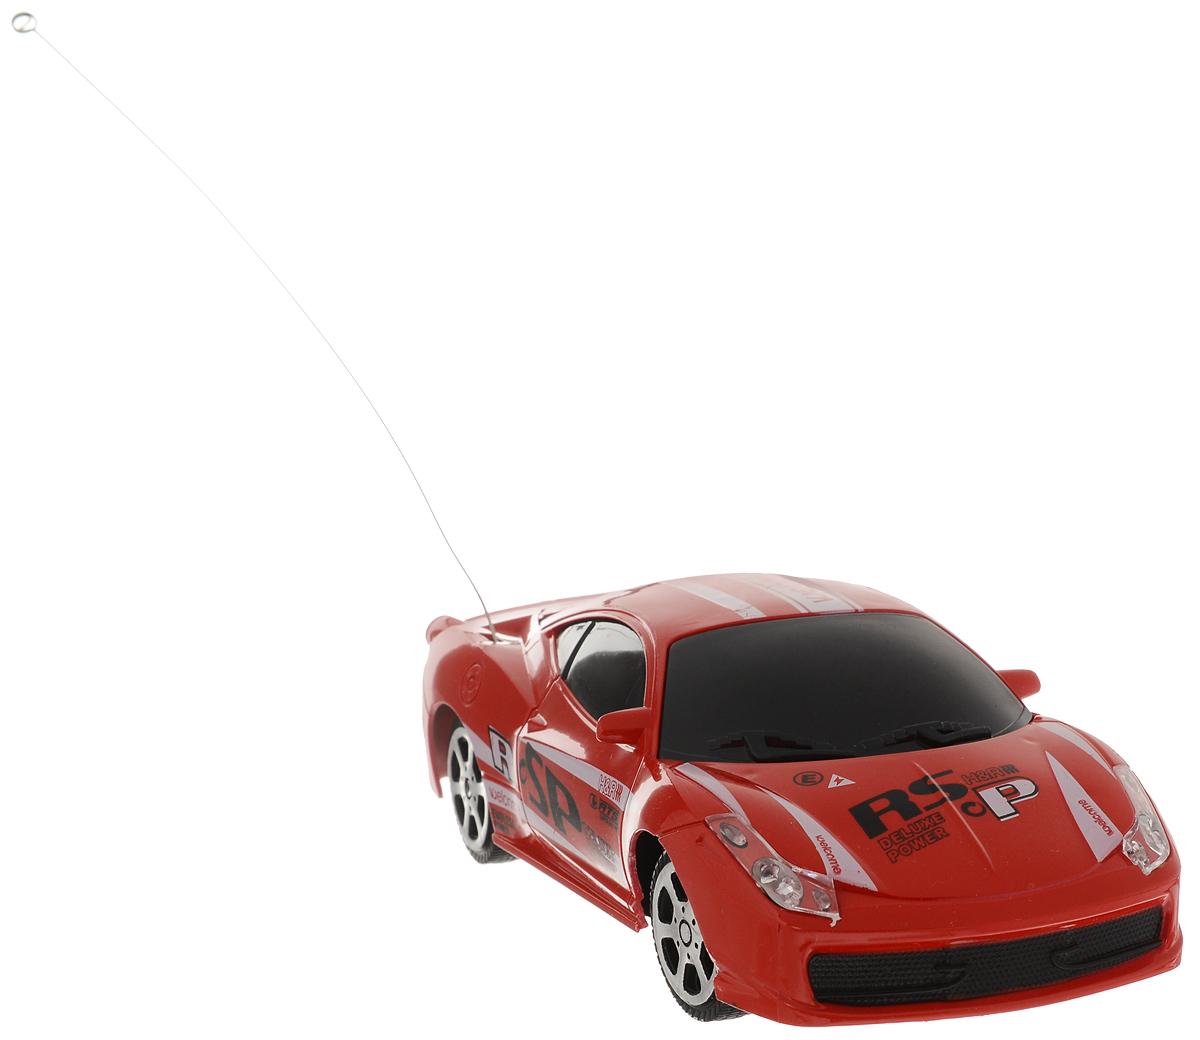 """Технологичная машинка на радиоуправлении Yako """"Racing Драйв"""" - это потрясающая гоночная модель, обладающая отличными характеристиками. В комплект также входит удобный пульт управления. Модель отличается тщательной проработкой и высокой детализацией. Автомобиль реалистично двигается вперед, а также выполняет повороты. Используемая частота - 27 МГц. Такая игрушка откроет новые просторы для фантазии маленького автолюбителя и поможет развить мелкую моторику рук, внимание, воображение и координацию движений.  Модель работает от 4 батарейки напряжением 1,5V типа АА (входят в комплект).Для работы пульта необходимо докупить 2 батарейки напряжением 1,5V типа АА (в комплект не входят)."""